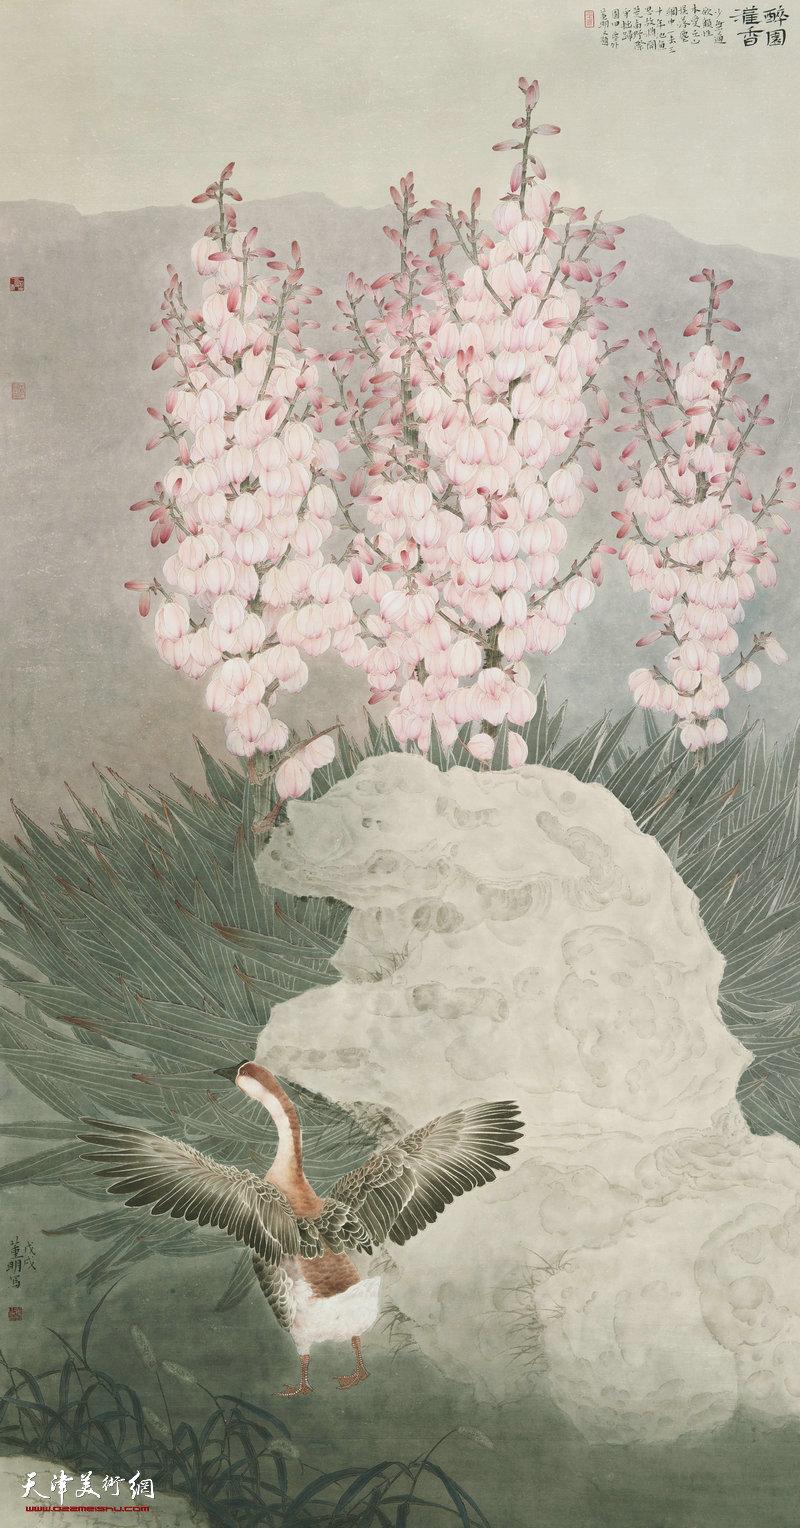 董明 四川 醉园·灌香 236cm×123cm